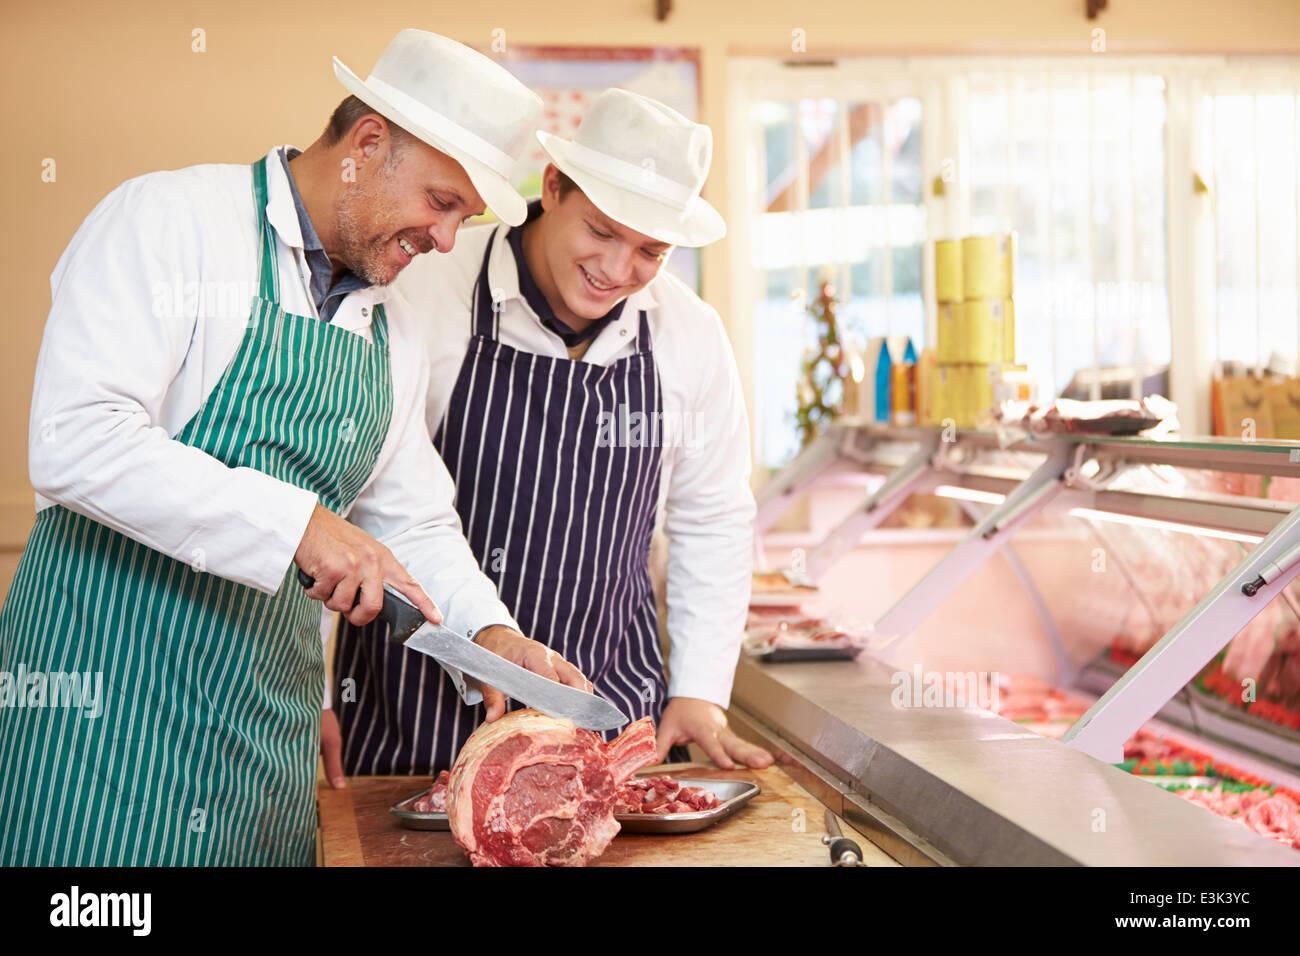 Metzger Lehre Lehrling Fleisch vorbereiten Stockbild